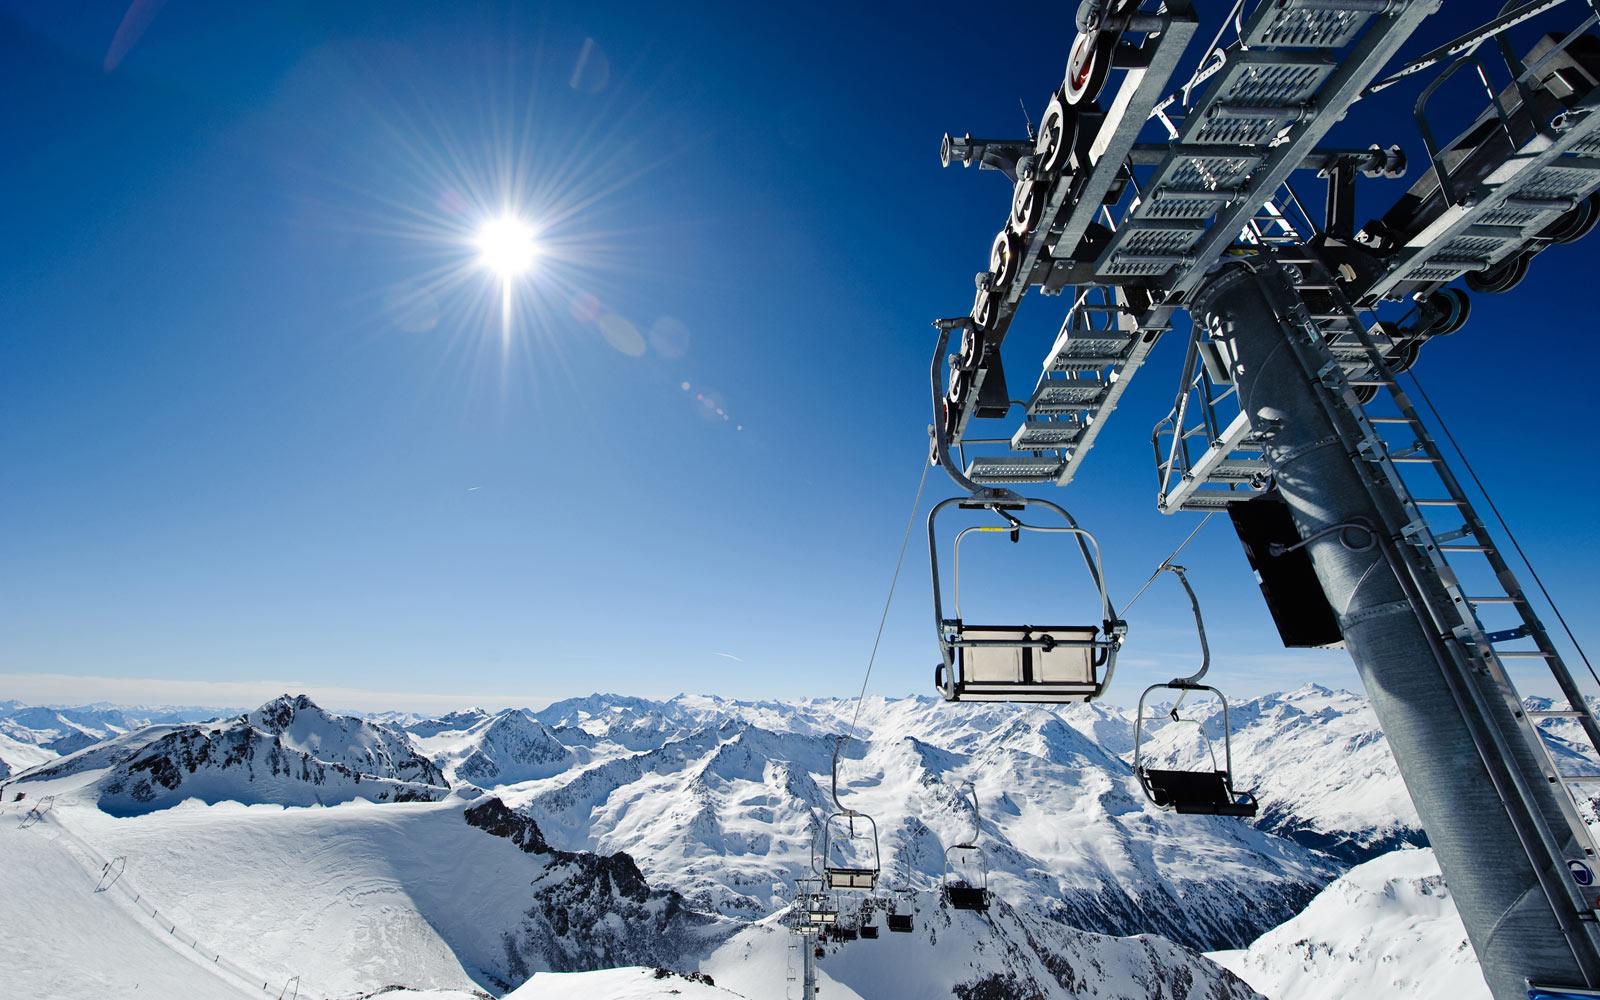 Happy Stubai Hotel Neustift Tirol Stubaier Gletscher Österreich Hostel Fun Action